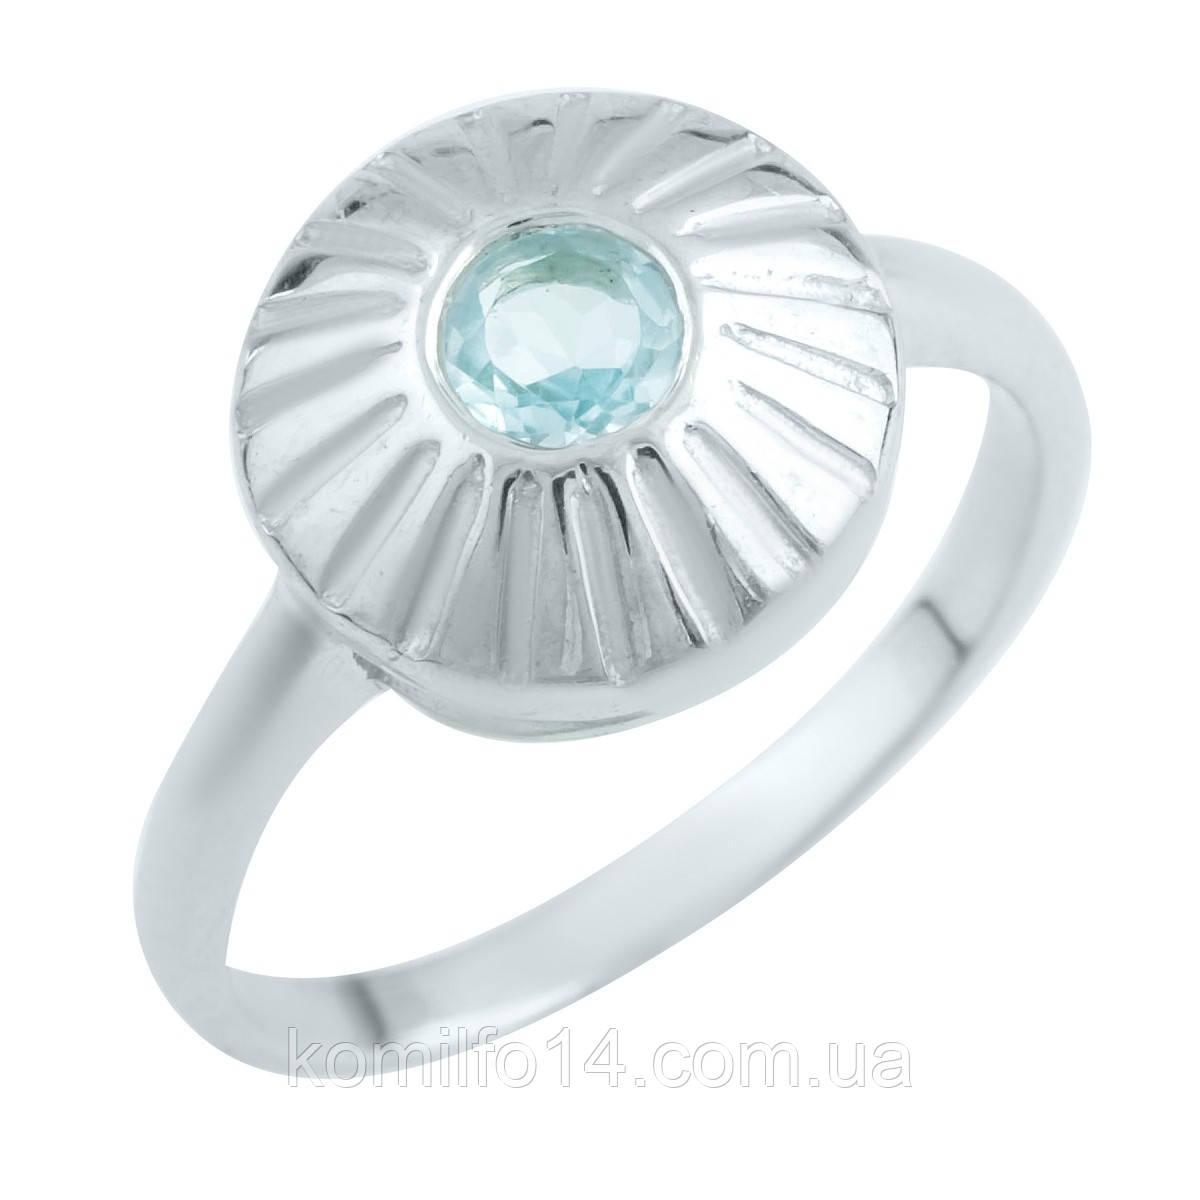 Срібне кільце з натуральним топазом